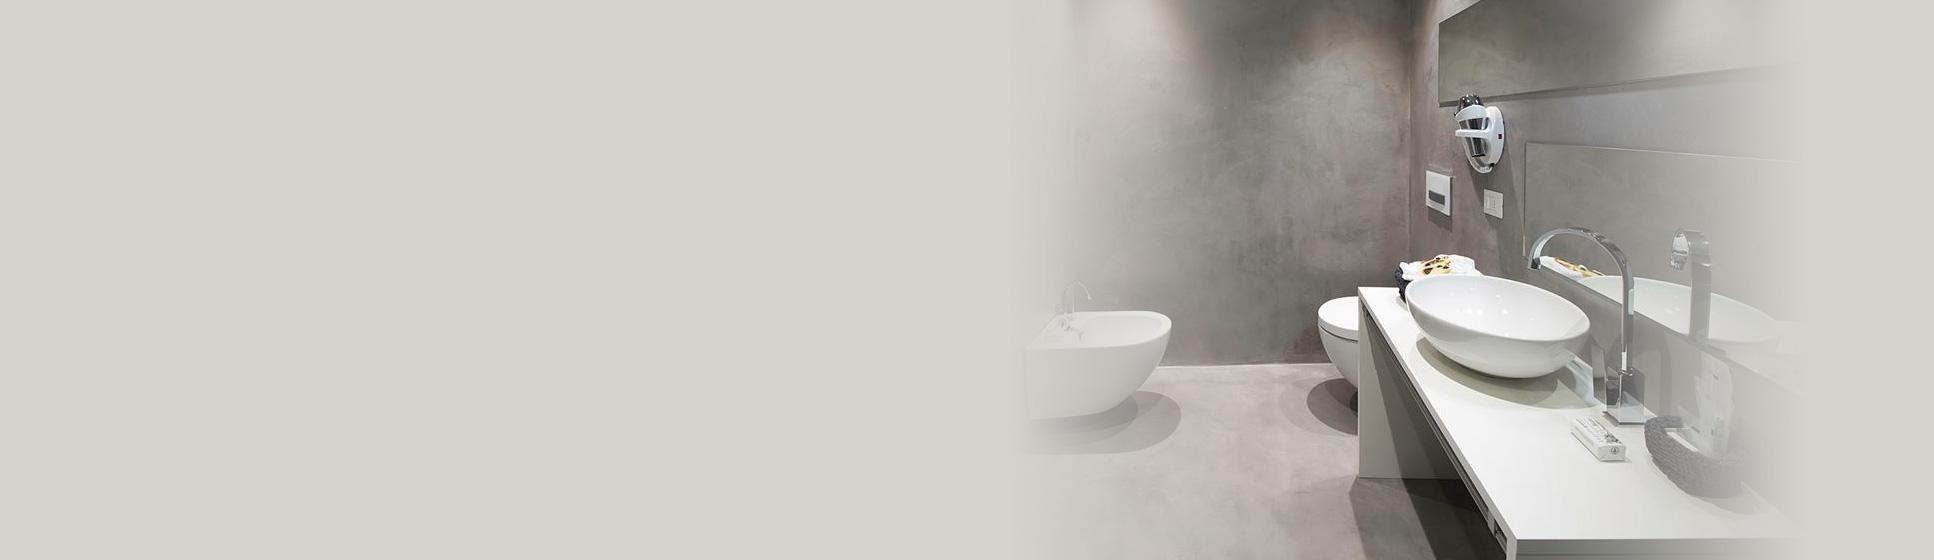 Sanacija kopalnice s smolo in cemenetom